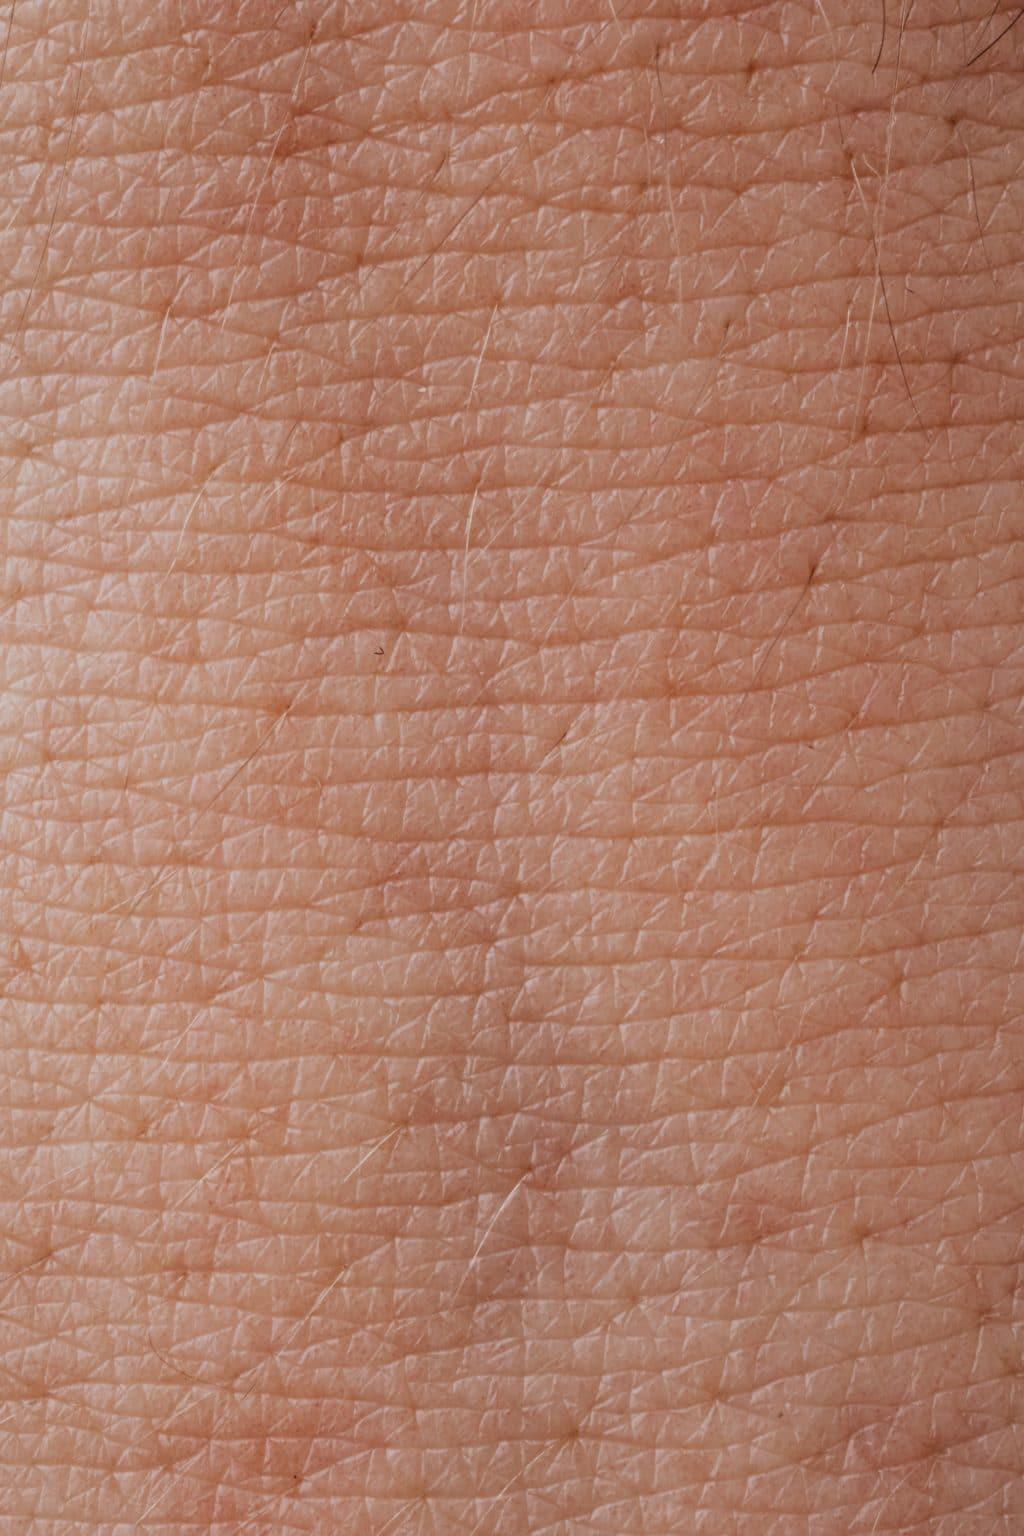 pexels-karolina-grabowska-4046567